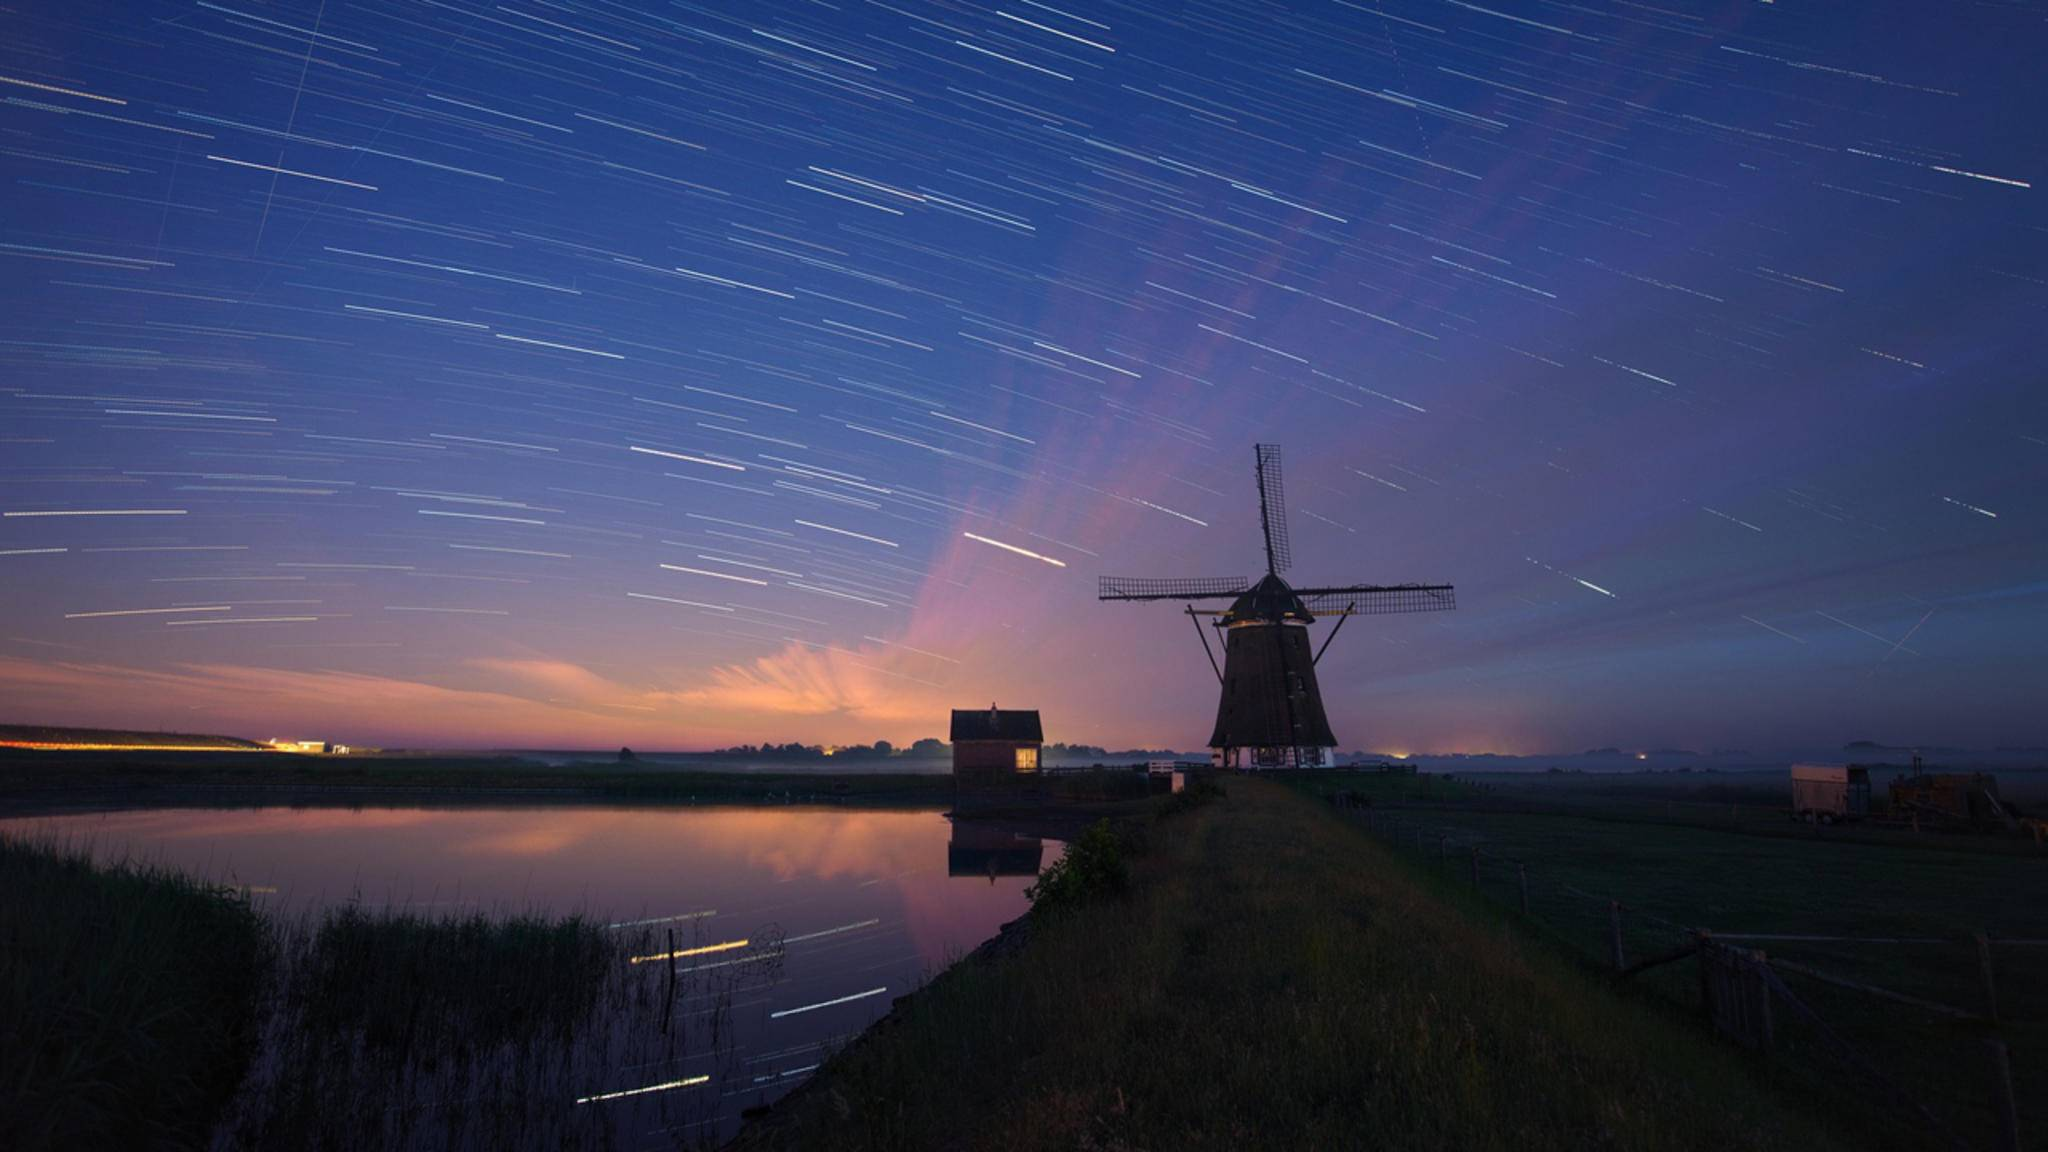 Bei einer sehr langen Belichtungszeit entstehen aufgrund der Erdrotation Sternenspuren.